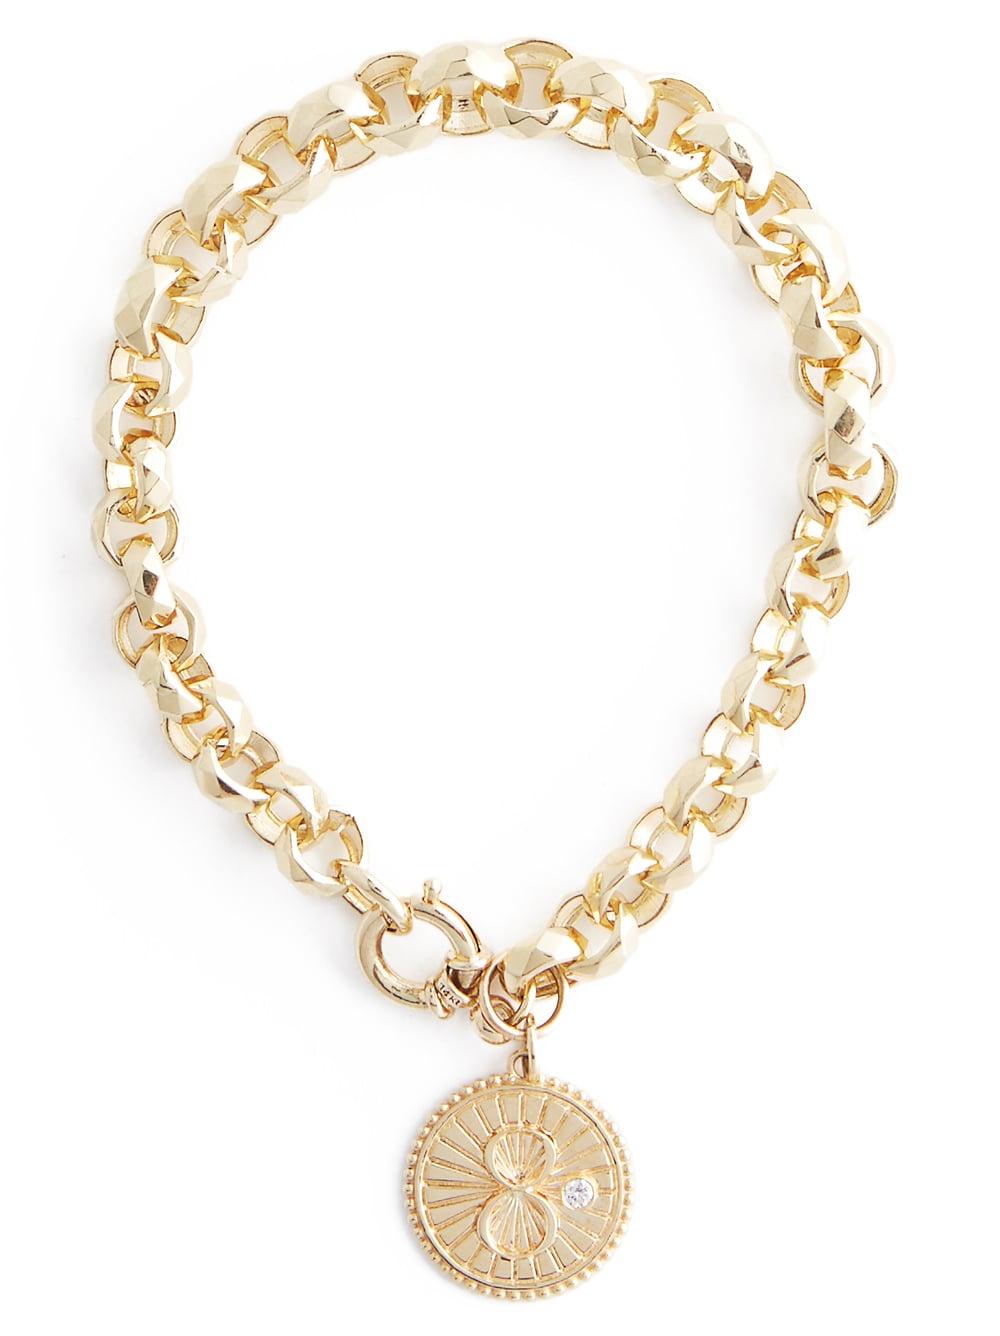 Karma charm bracelet in 18K yellow gold